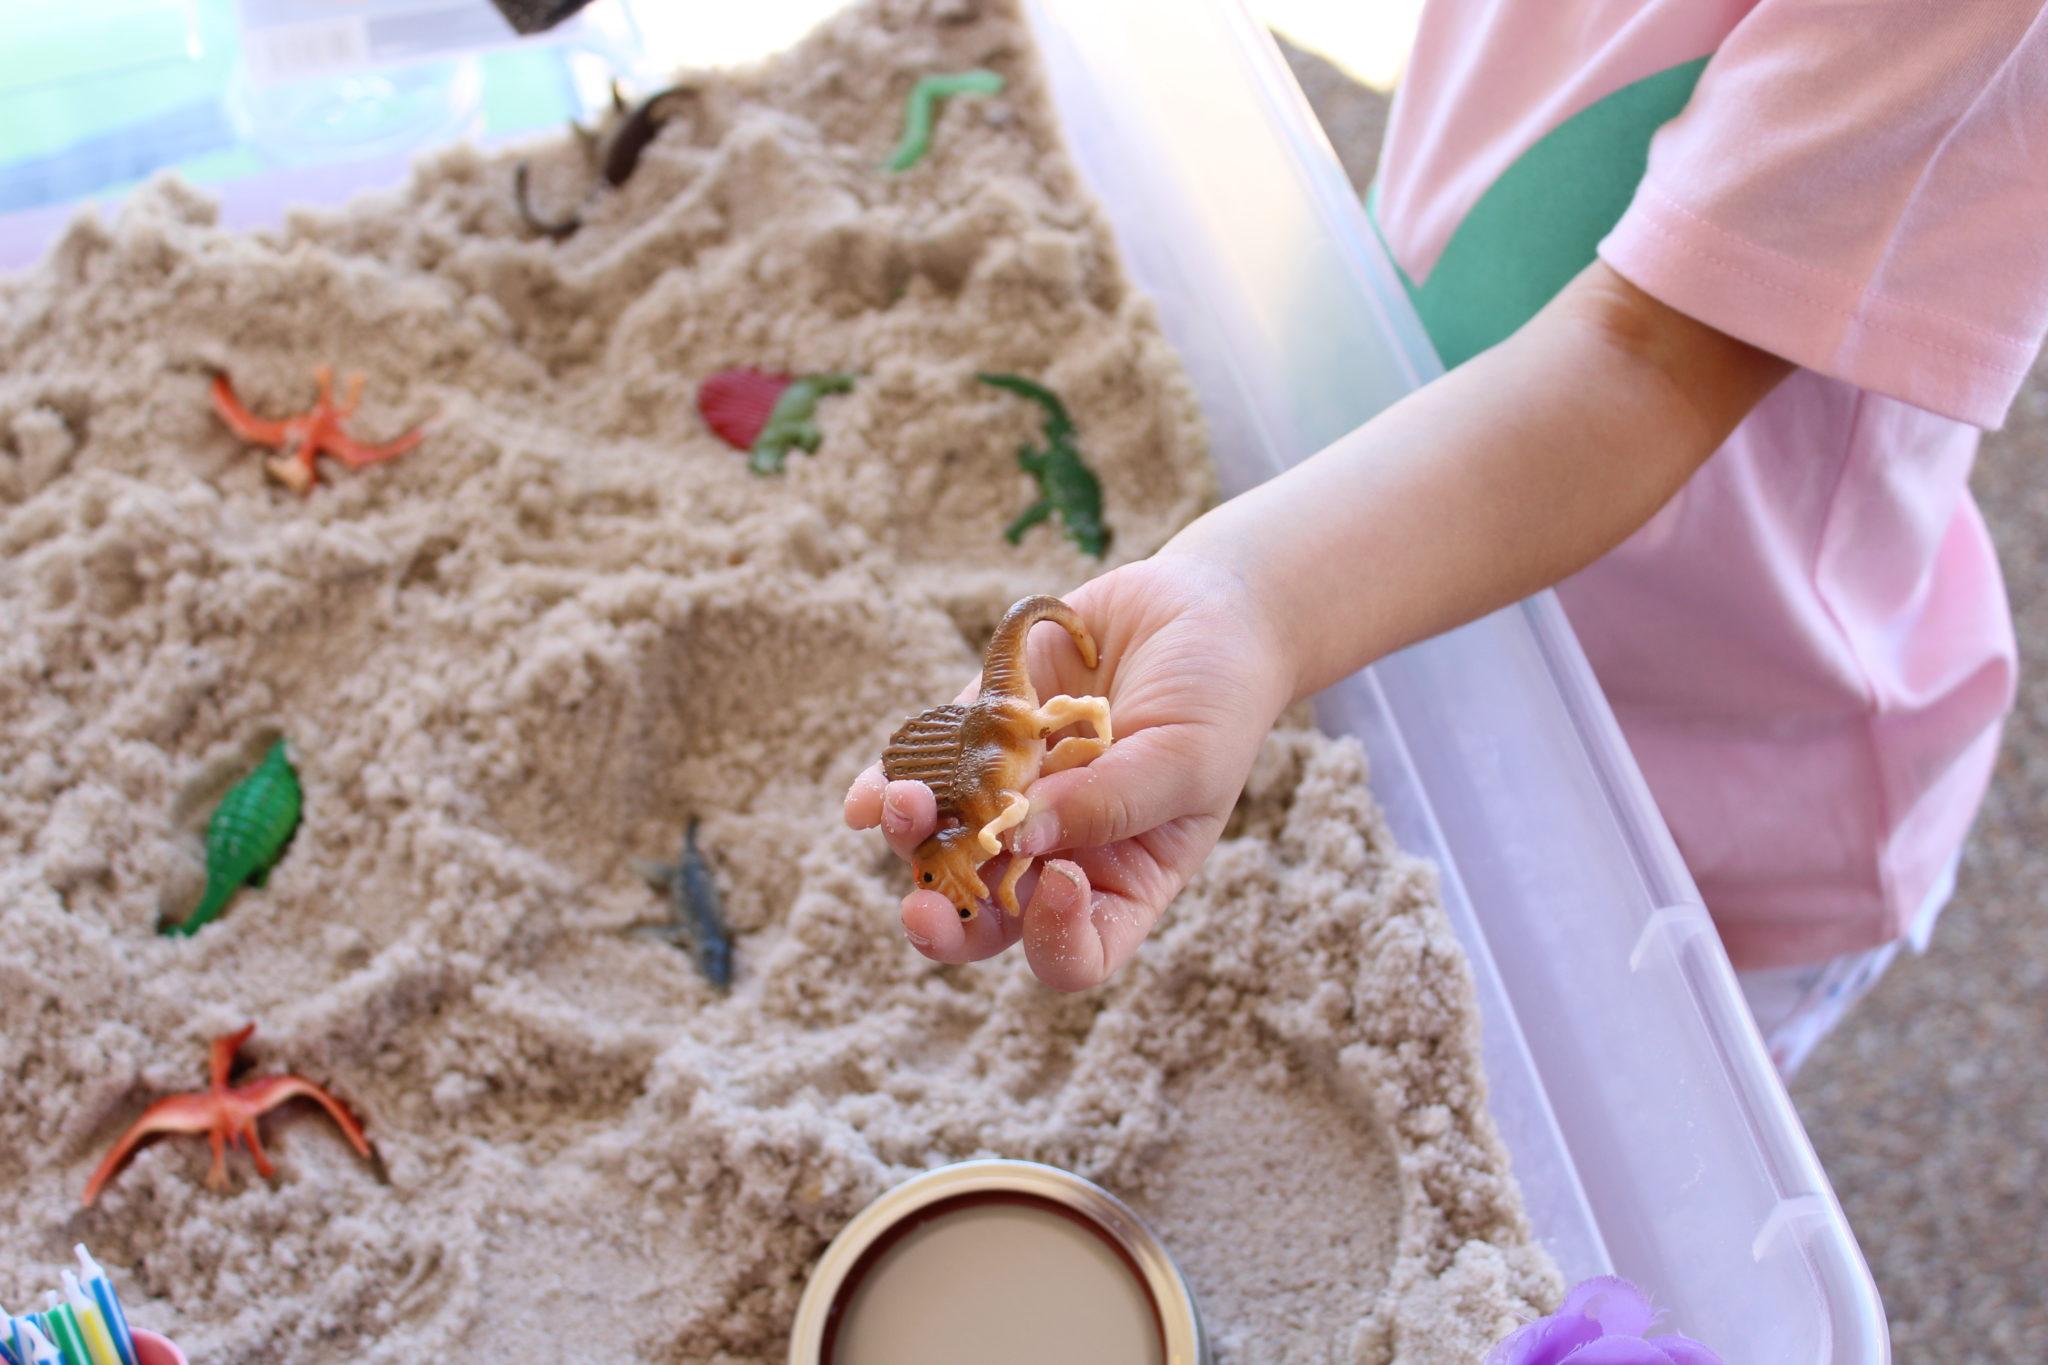 Indoor and Outdoor Water Play & Sensory Bin Activities for Toddlers